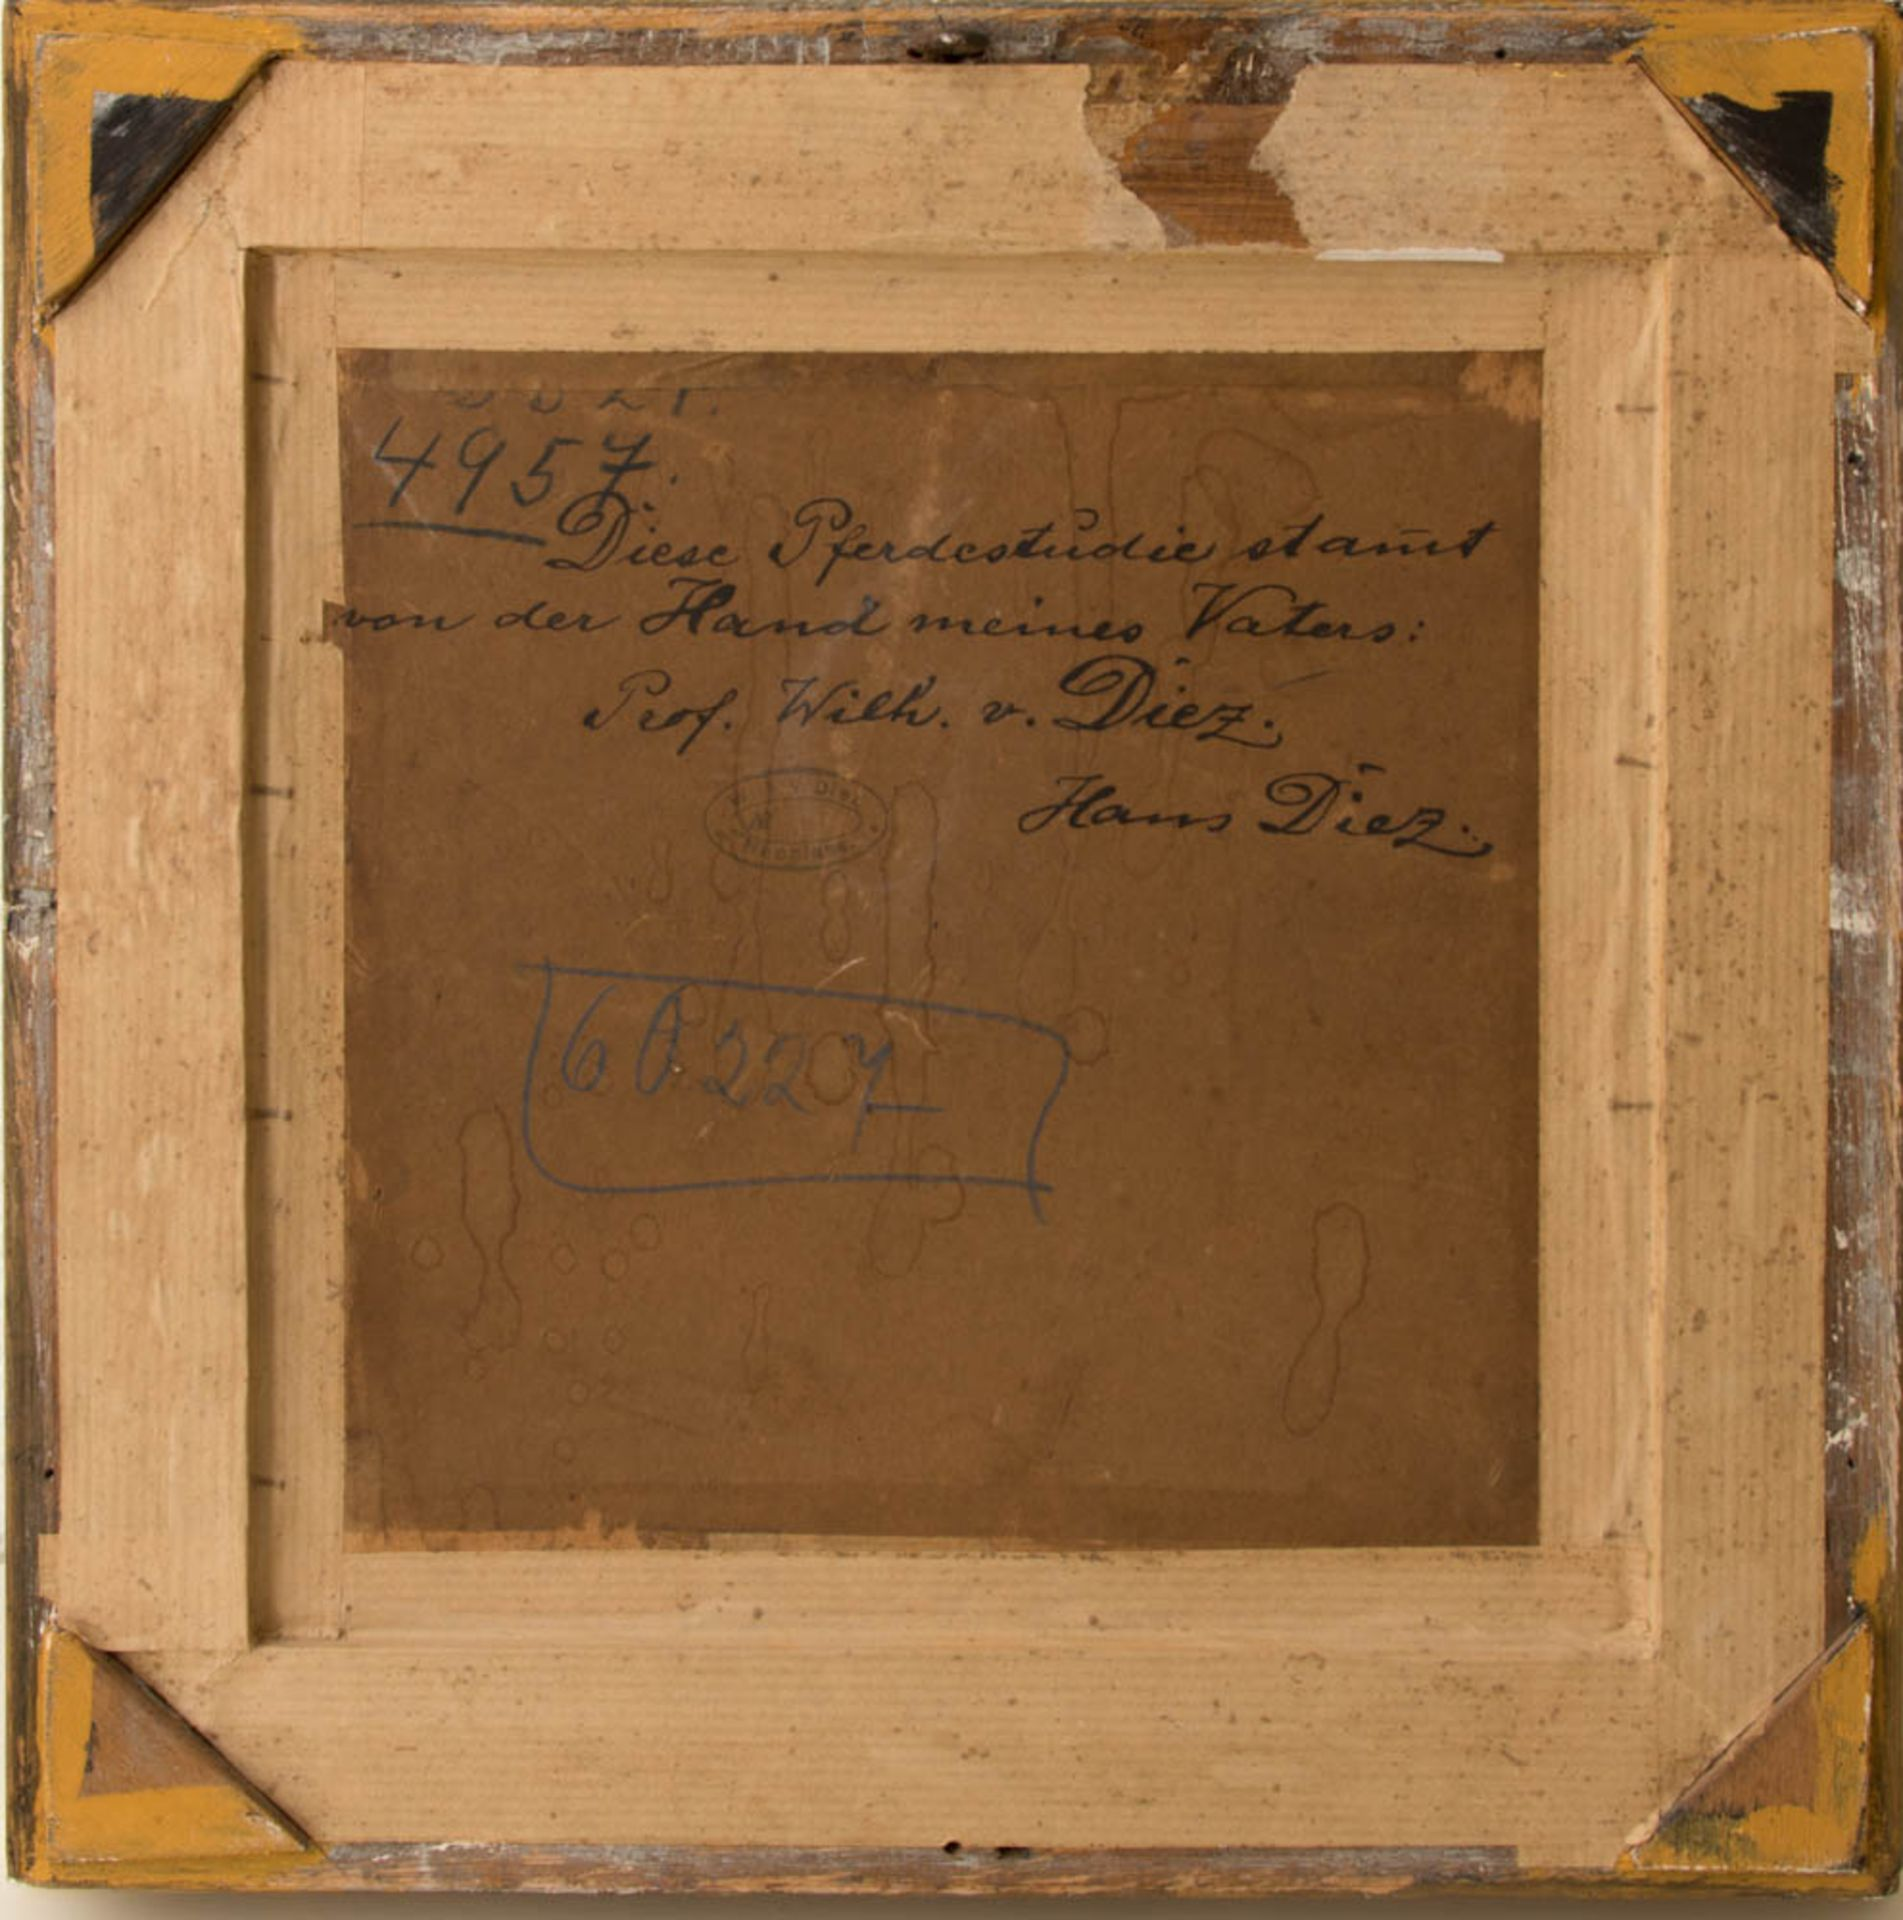 Wilhelm von Diez, Pferdestudie, Öl auf Platte, 19. Jh. - Bild 5 aus 5